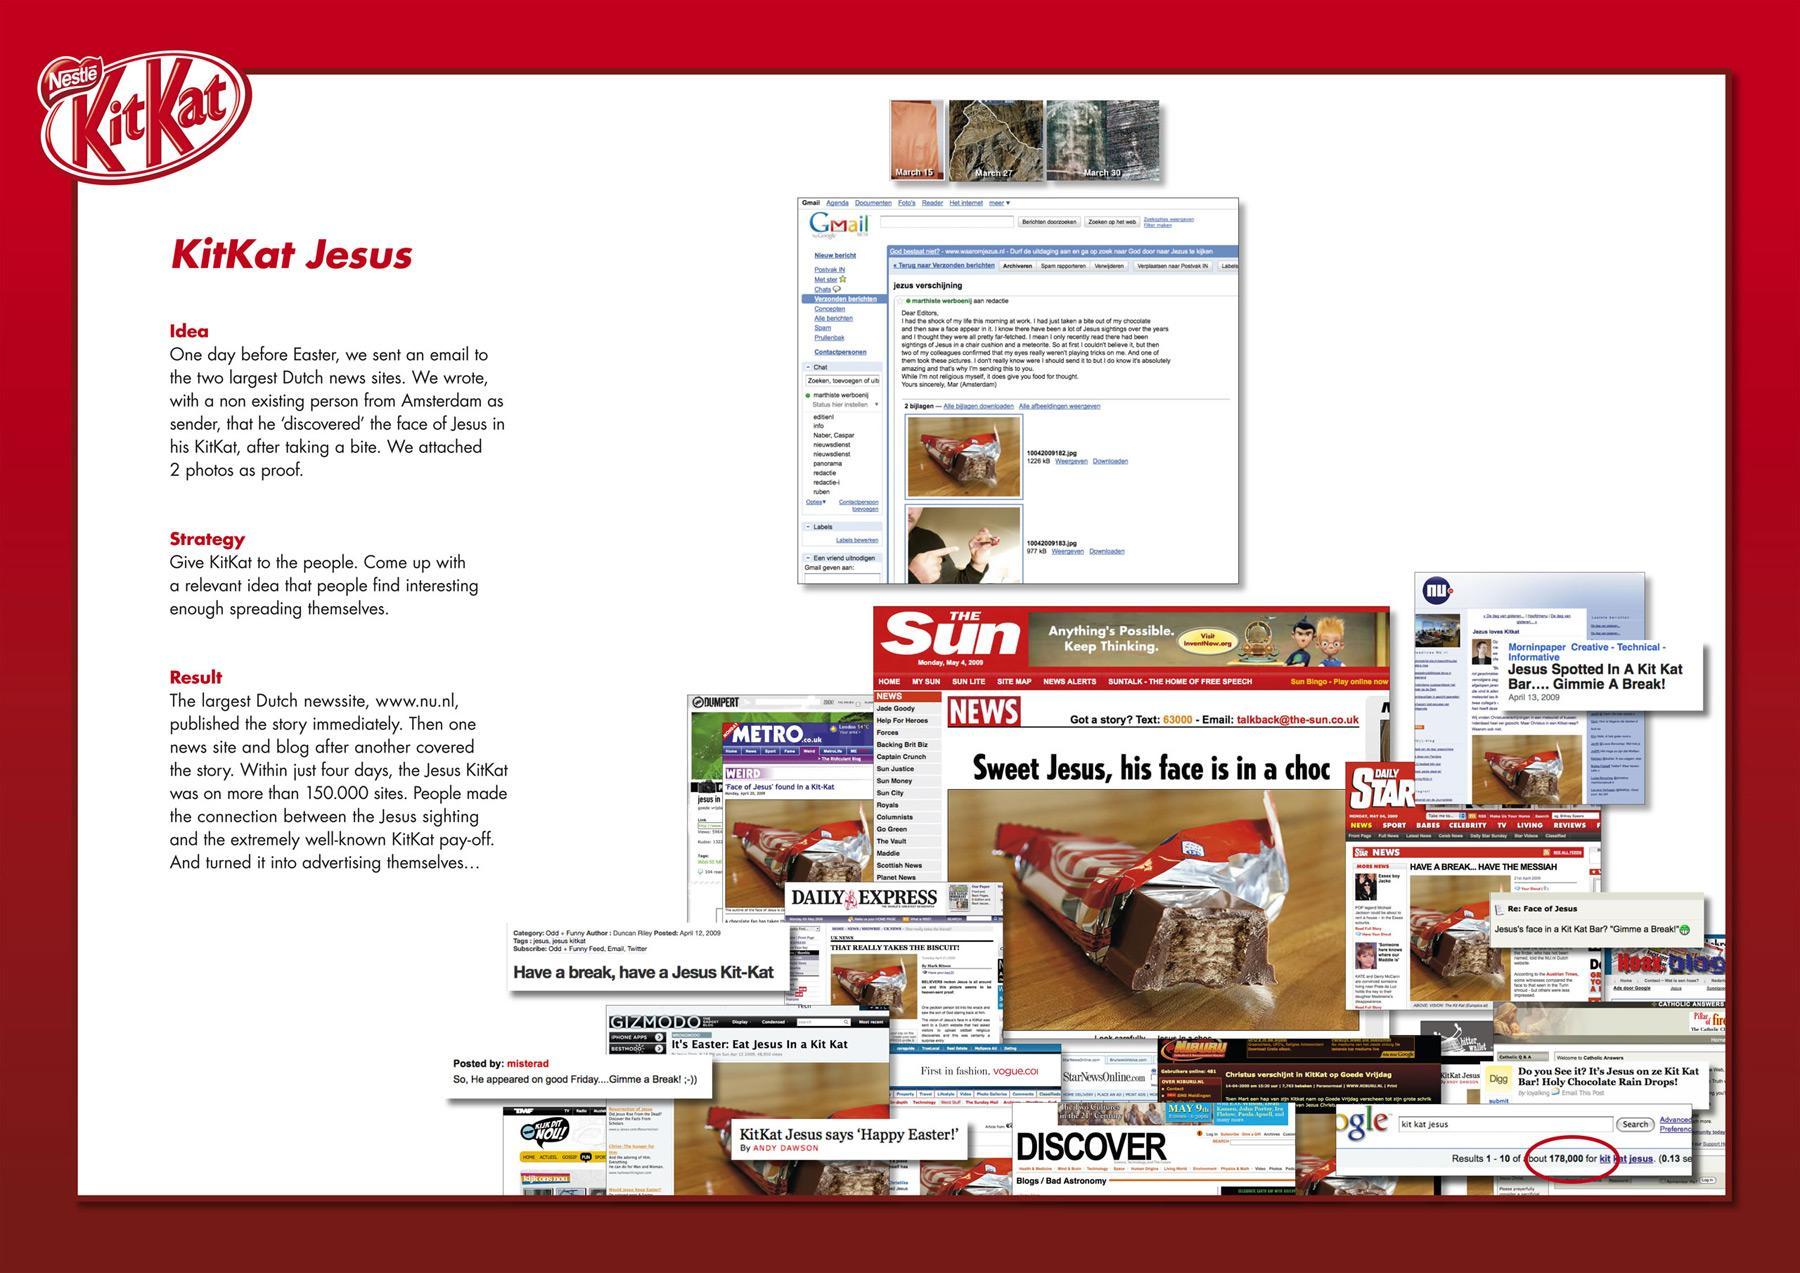 Kit Kat Ambient Ad -  Jesus